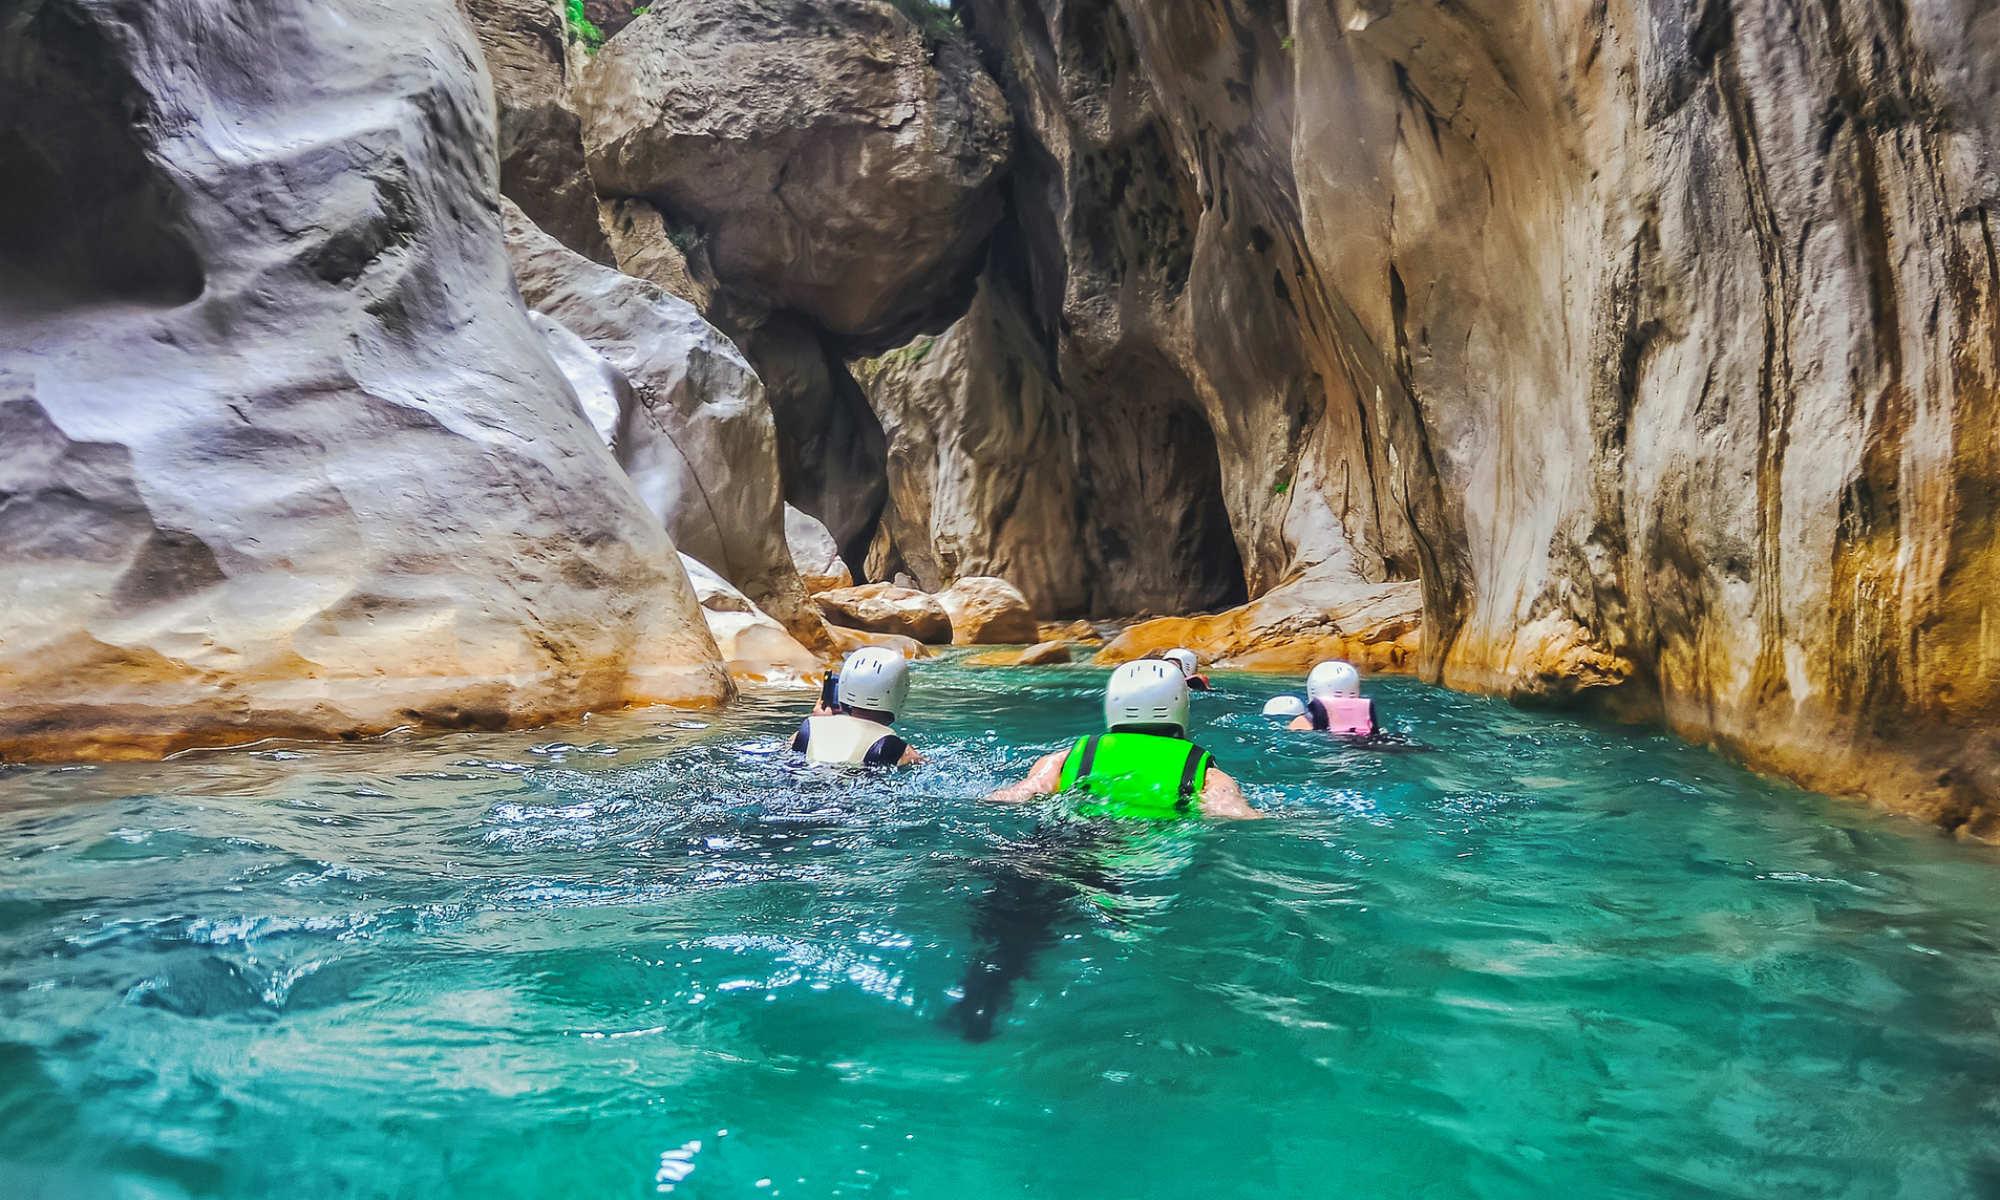 3 personnes nagent dans l'eau turquoise d'un canyon.